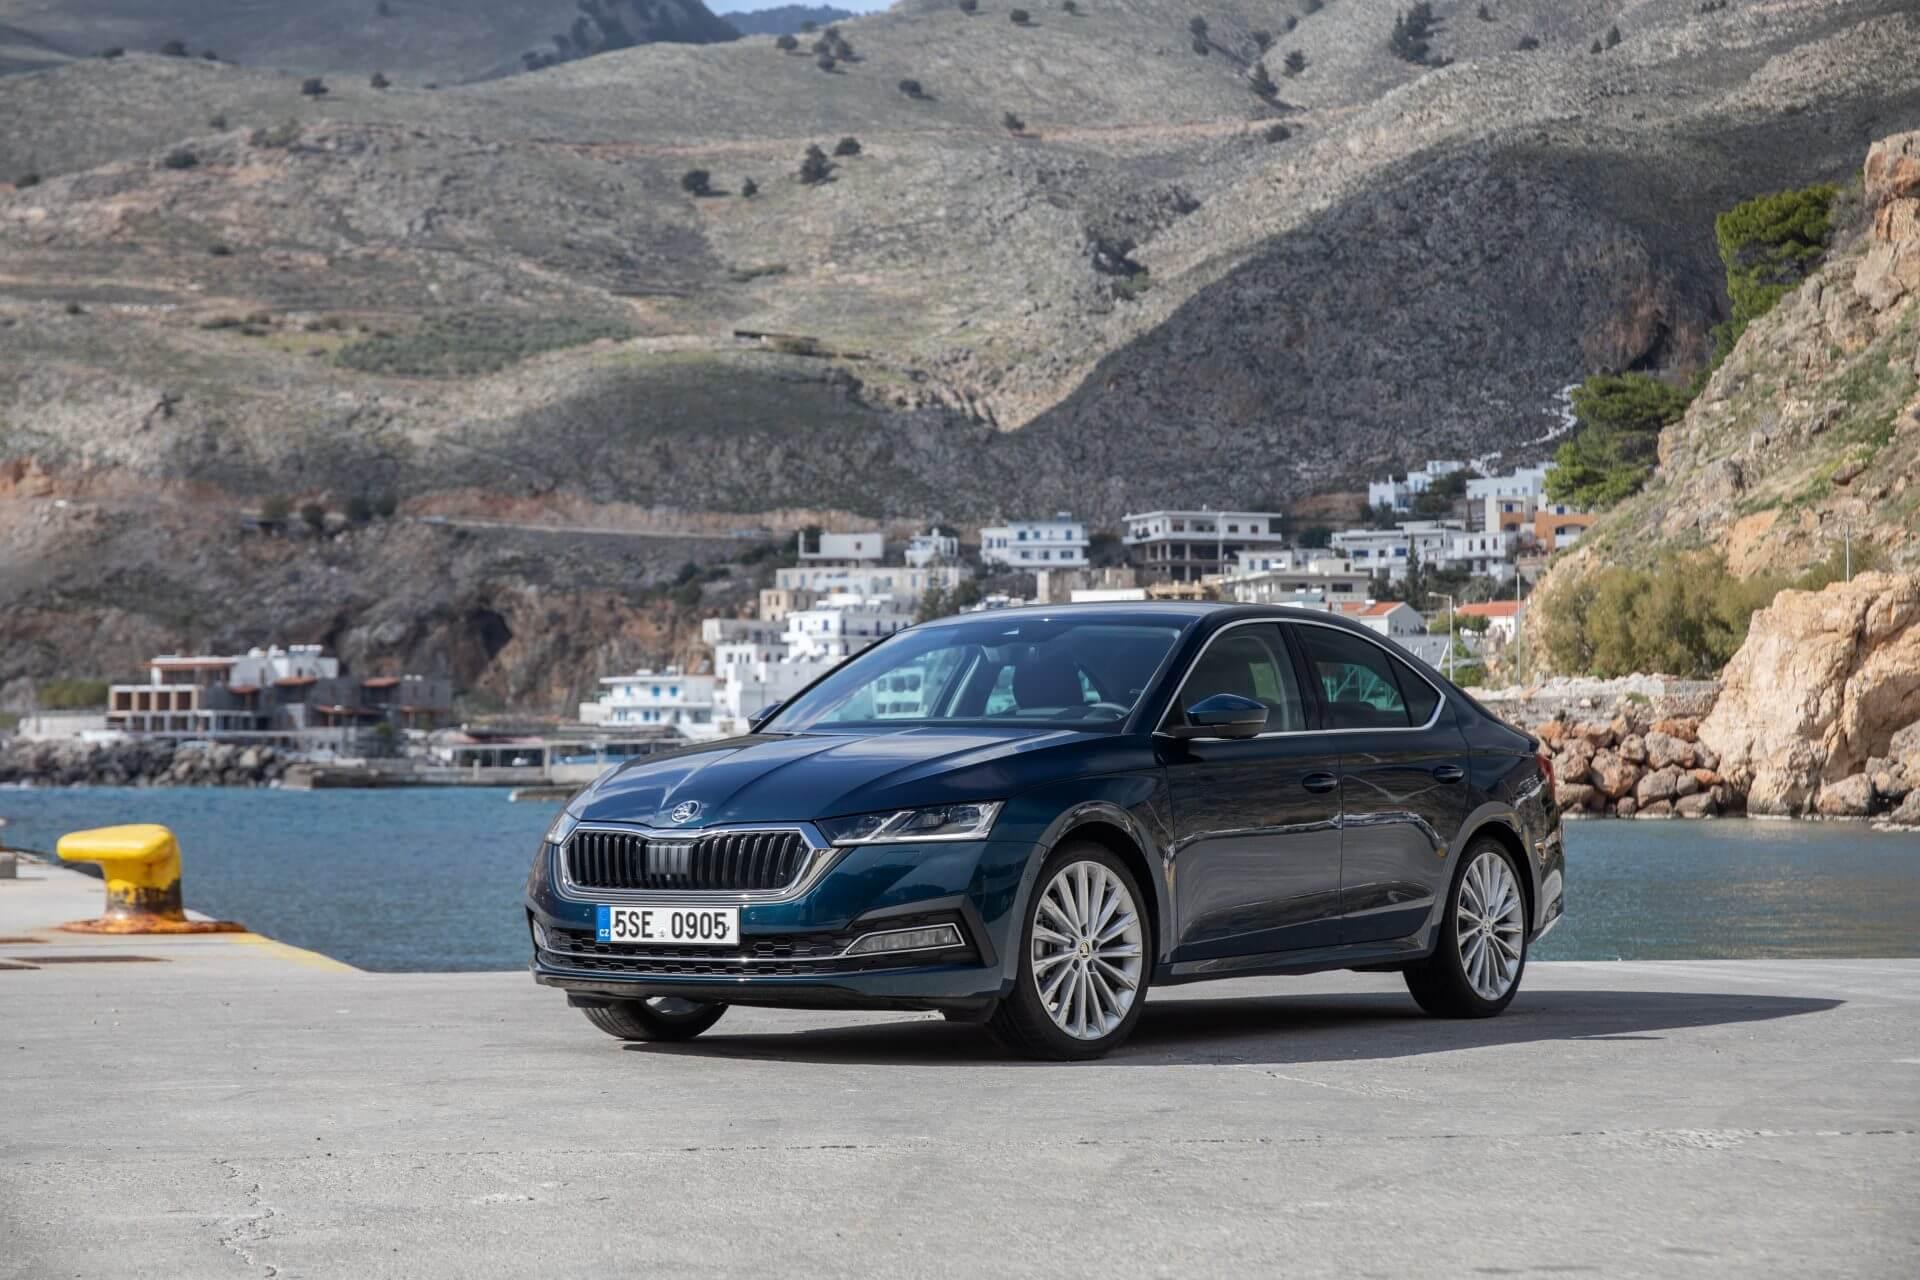 Η νέα SKODA OCTAVIA Grand Coupe φωτογραφημένη στην Κρήτη - Εμπρός όψη